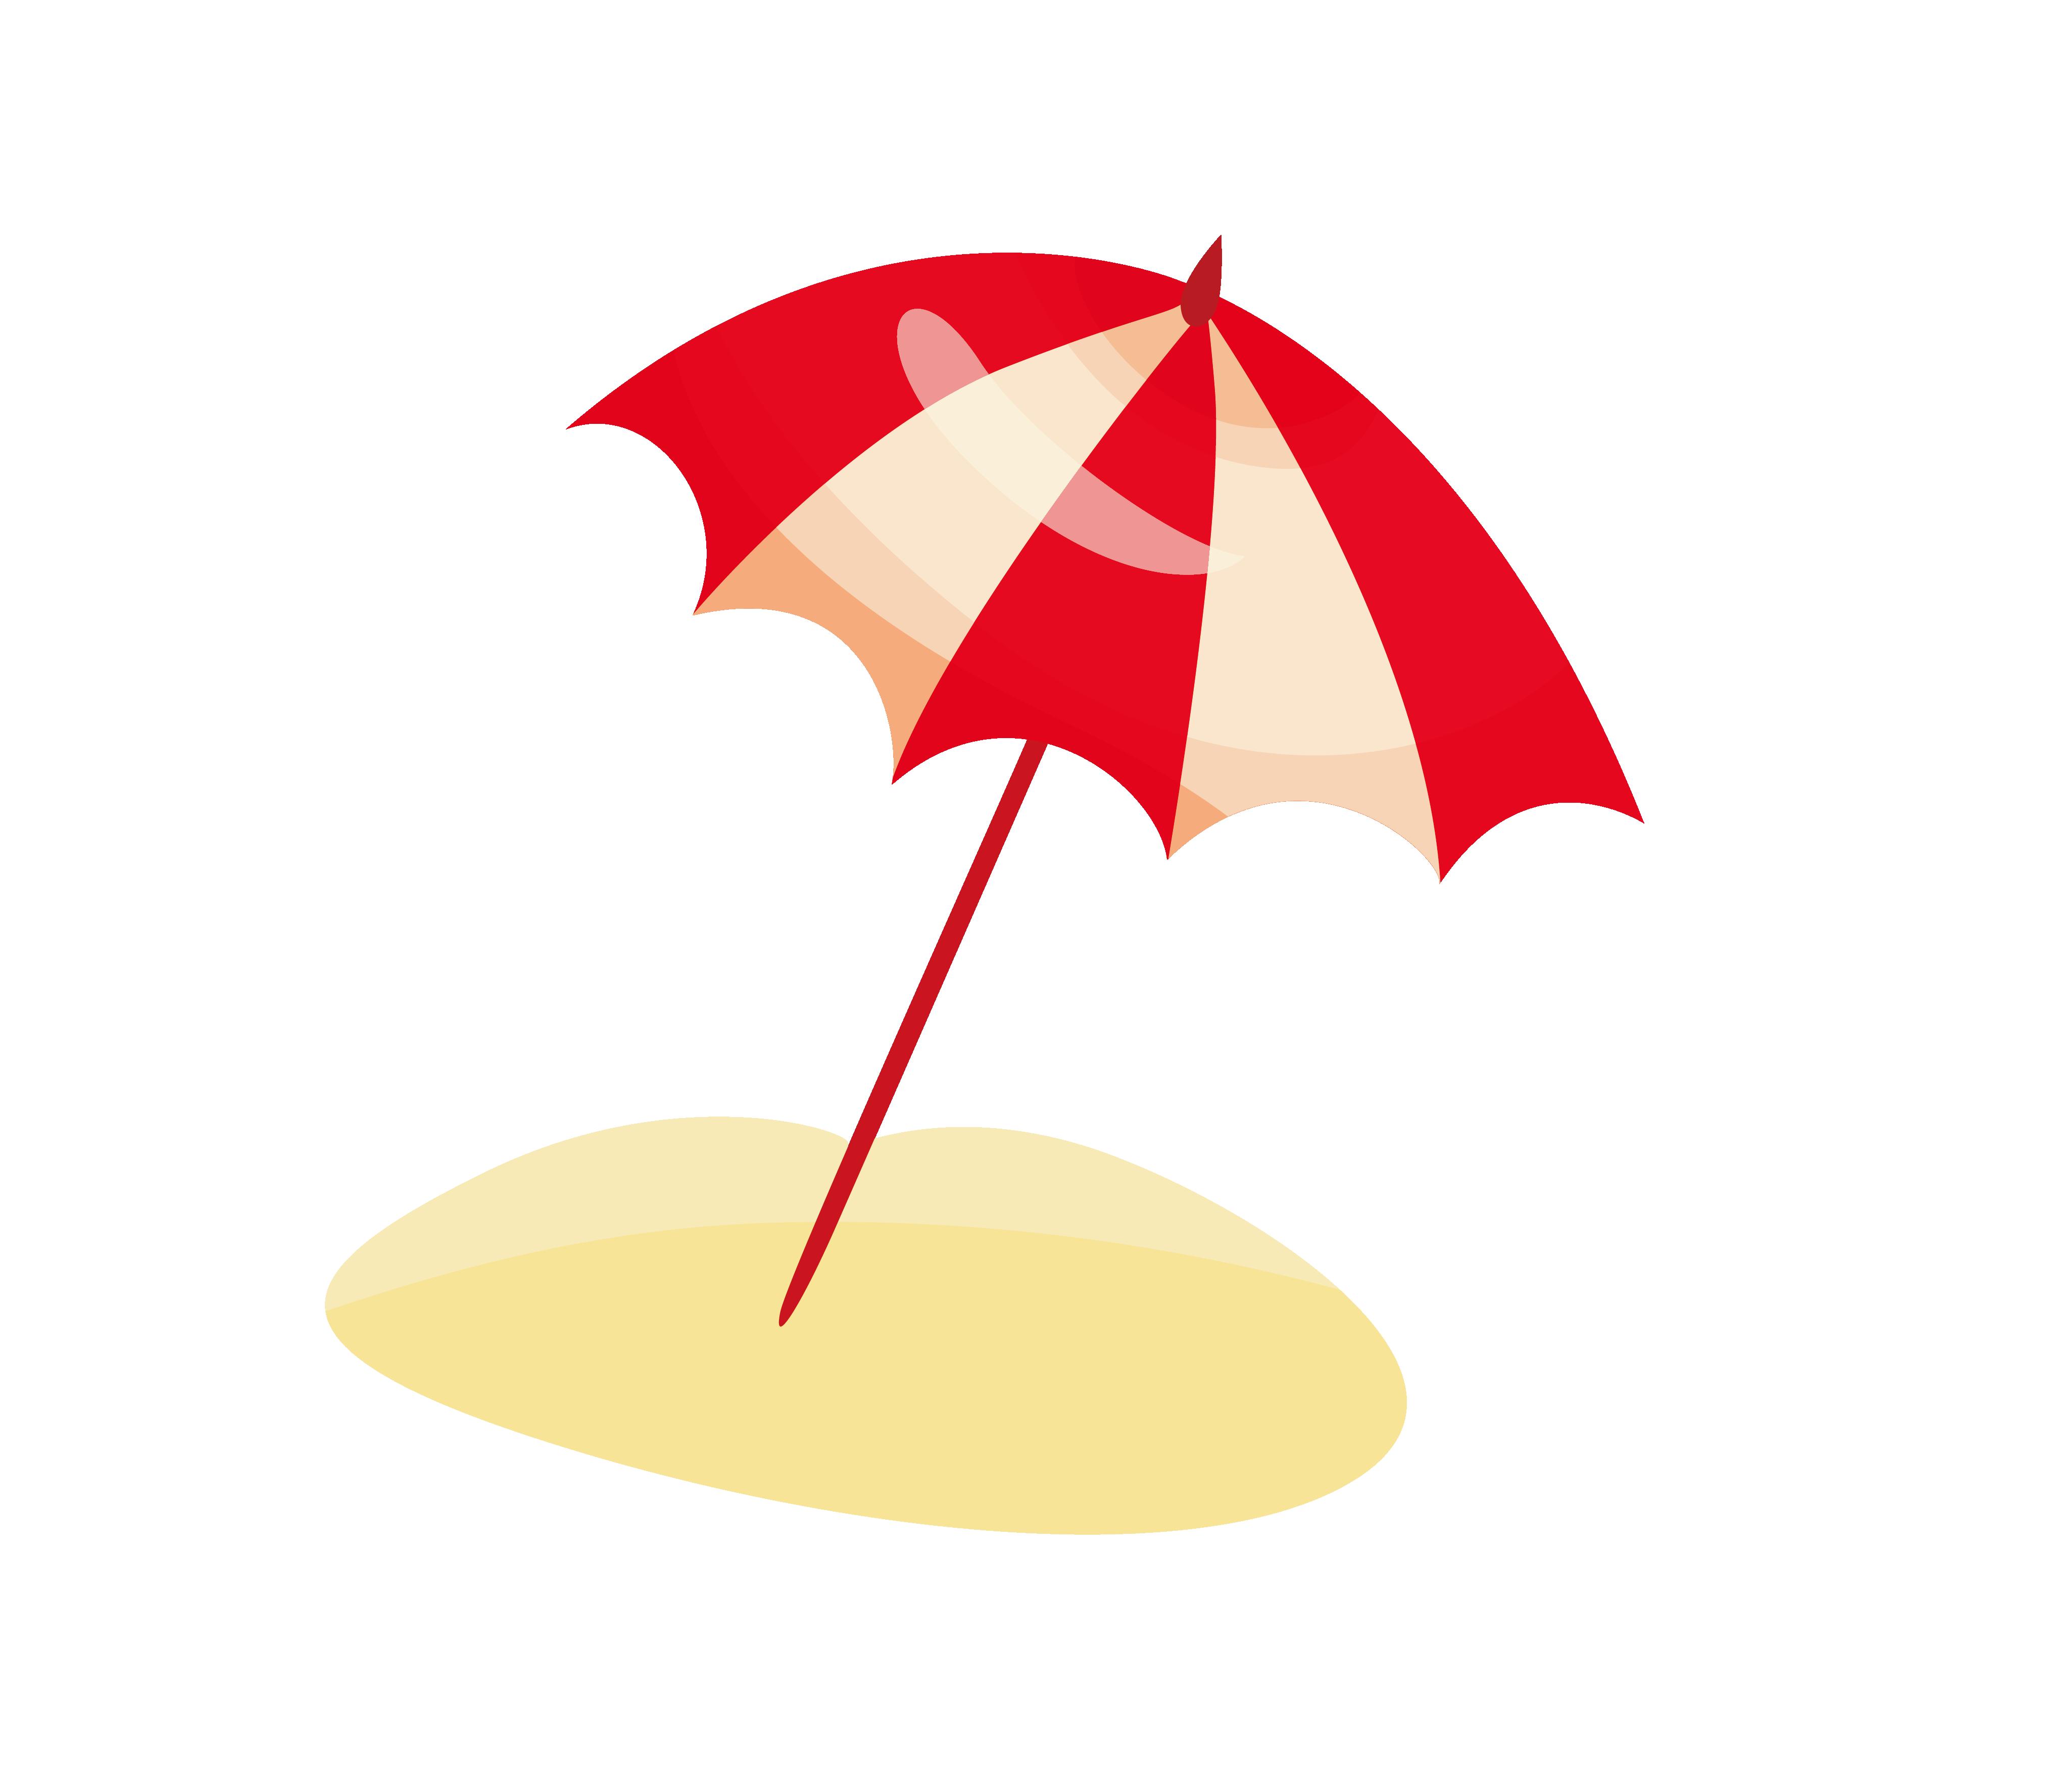 Watermelon clipart umbrella. Cartoon beach clip art